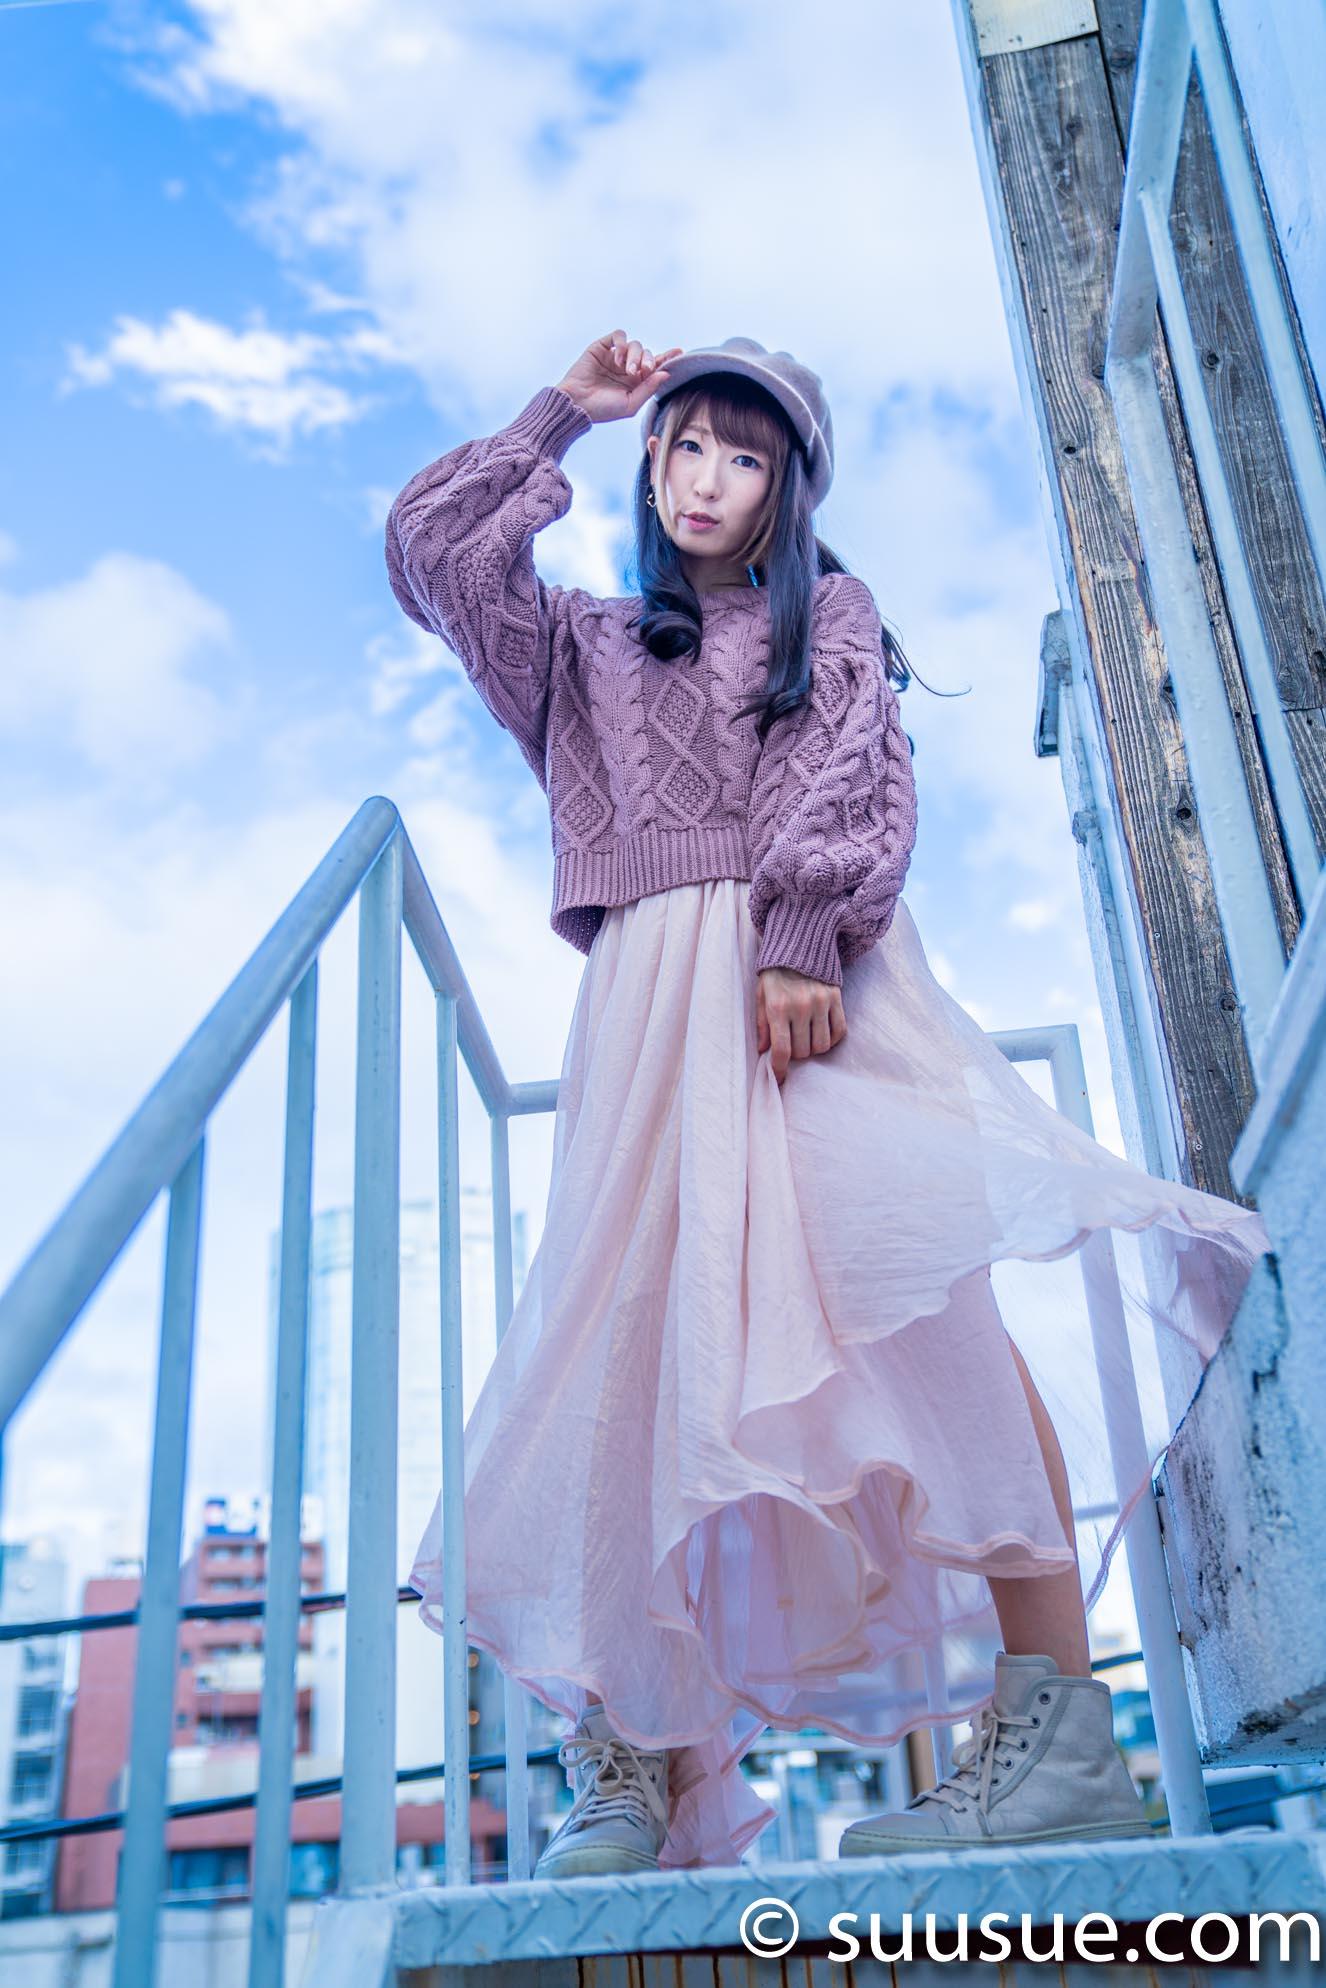 清瀬まち 2019/09/23 小嶋みやびバースデー NewType撮影会